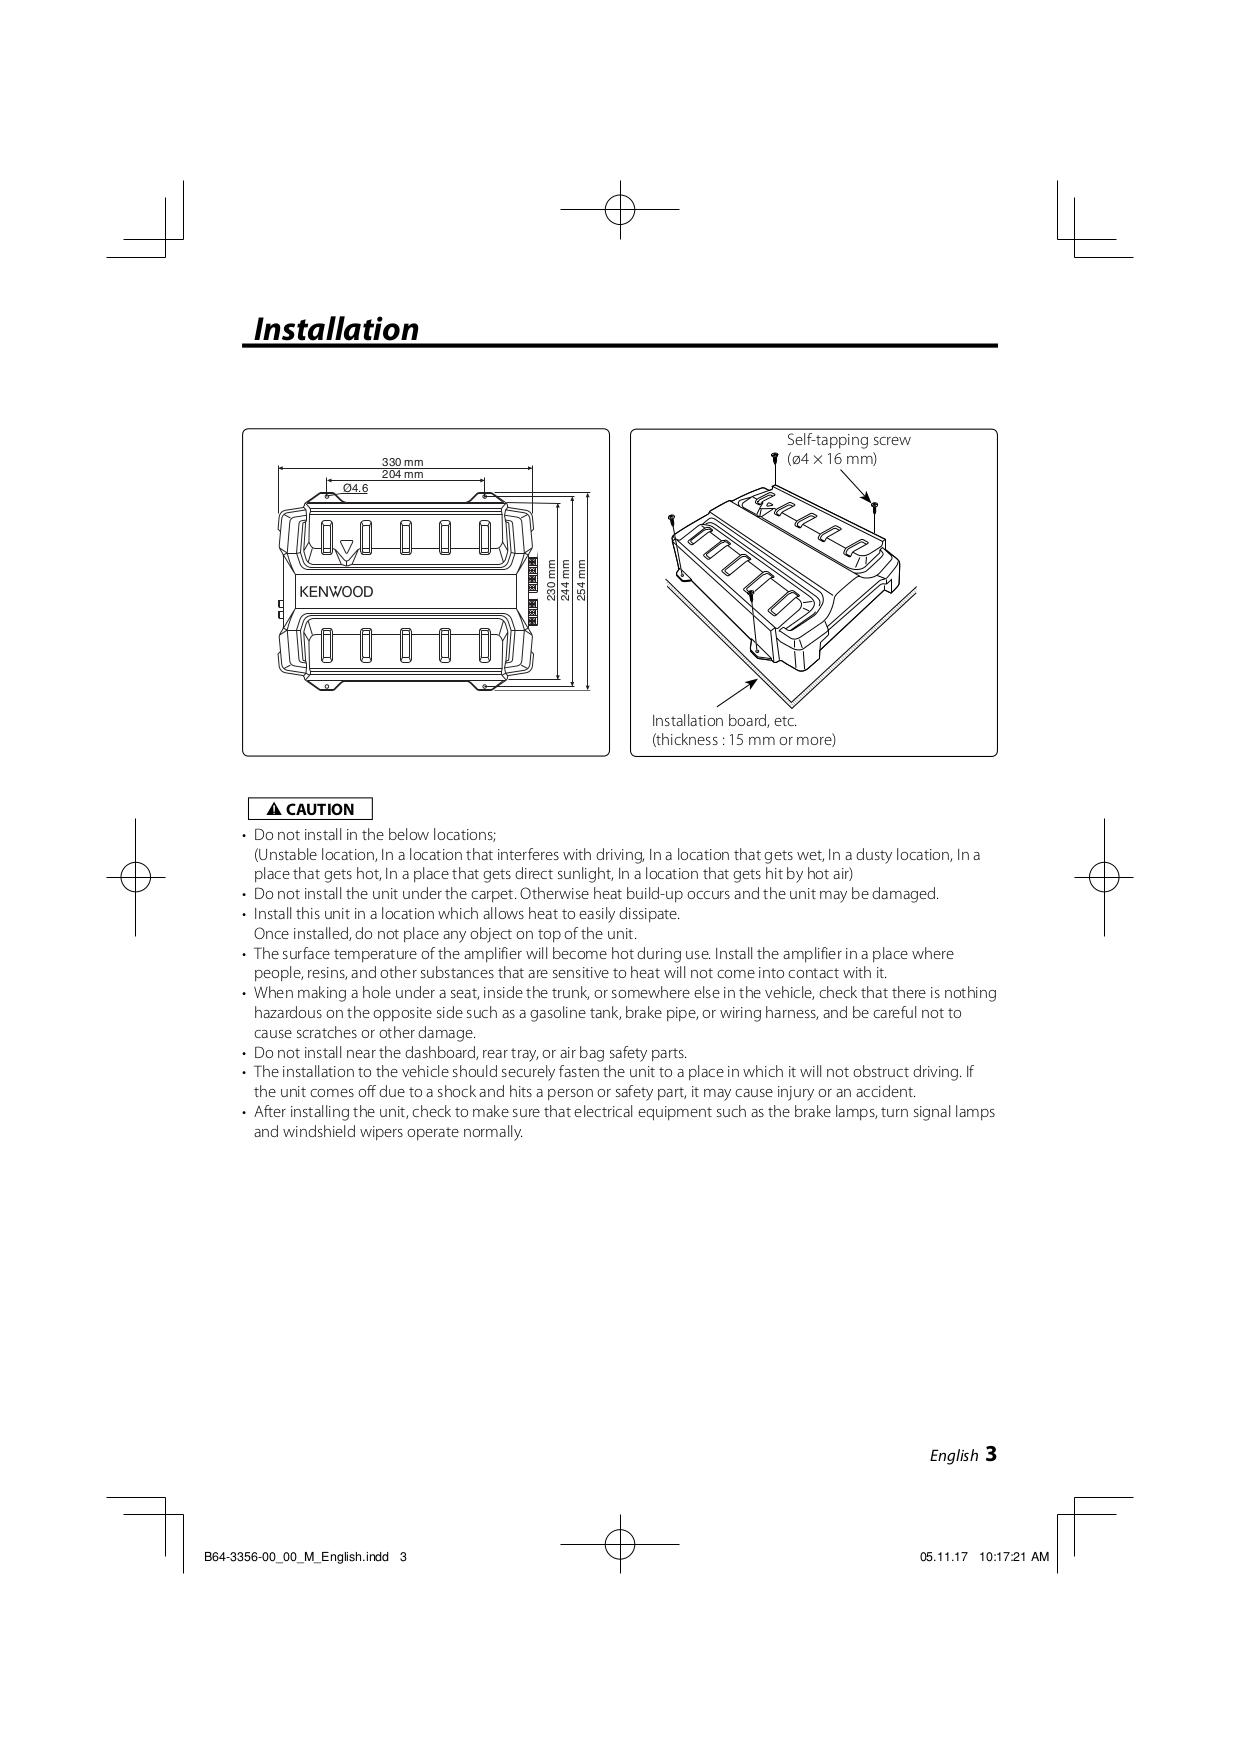 Pdf Manual For Kenwood Amp Kac